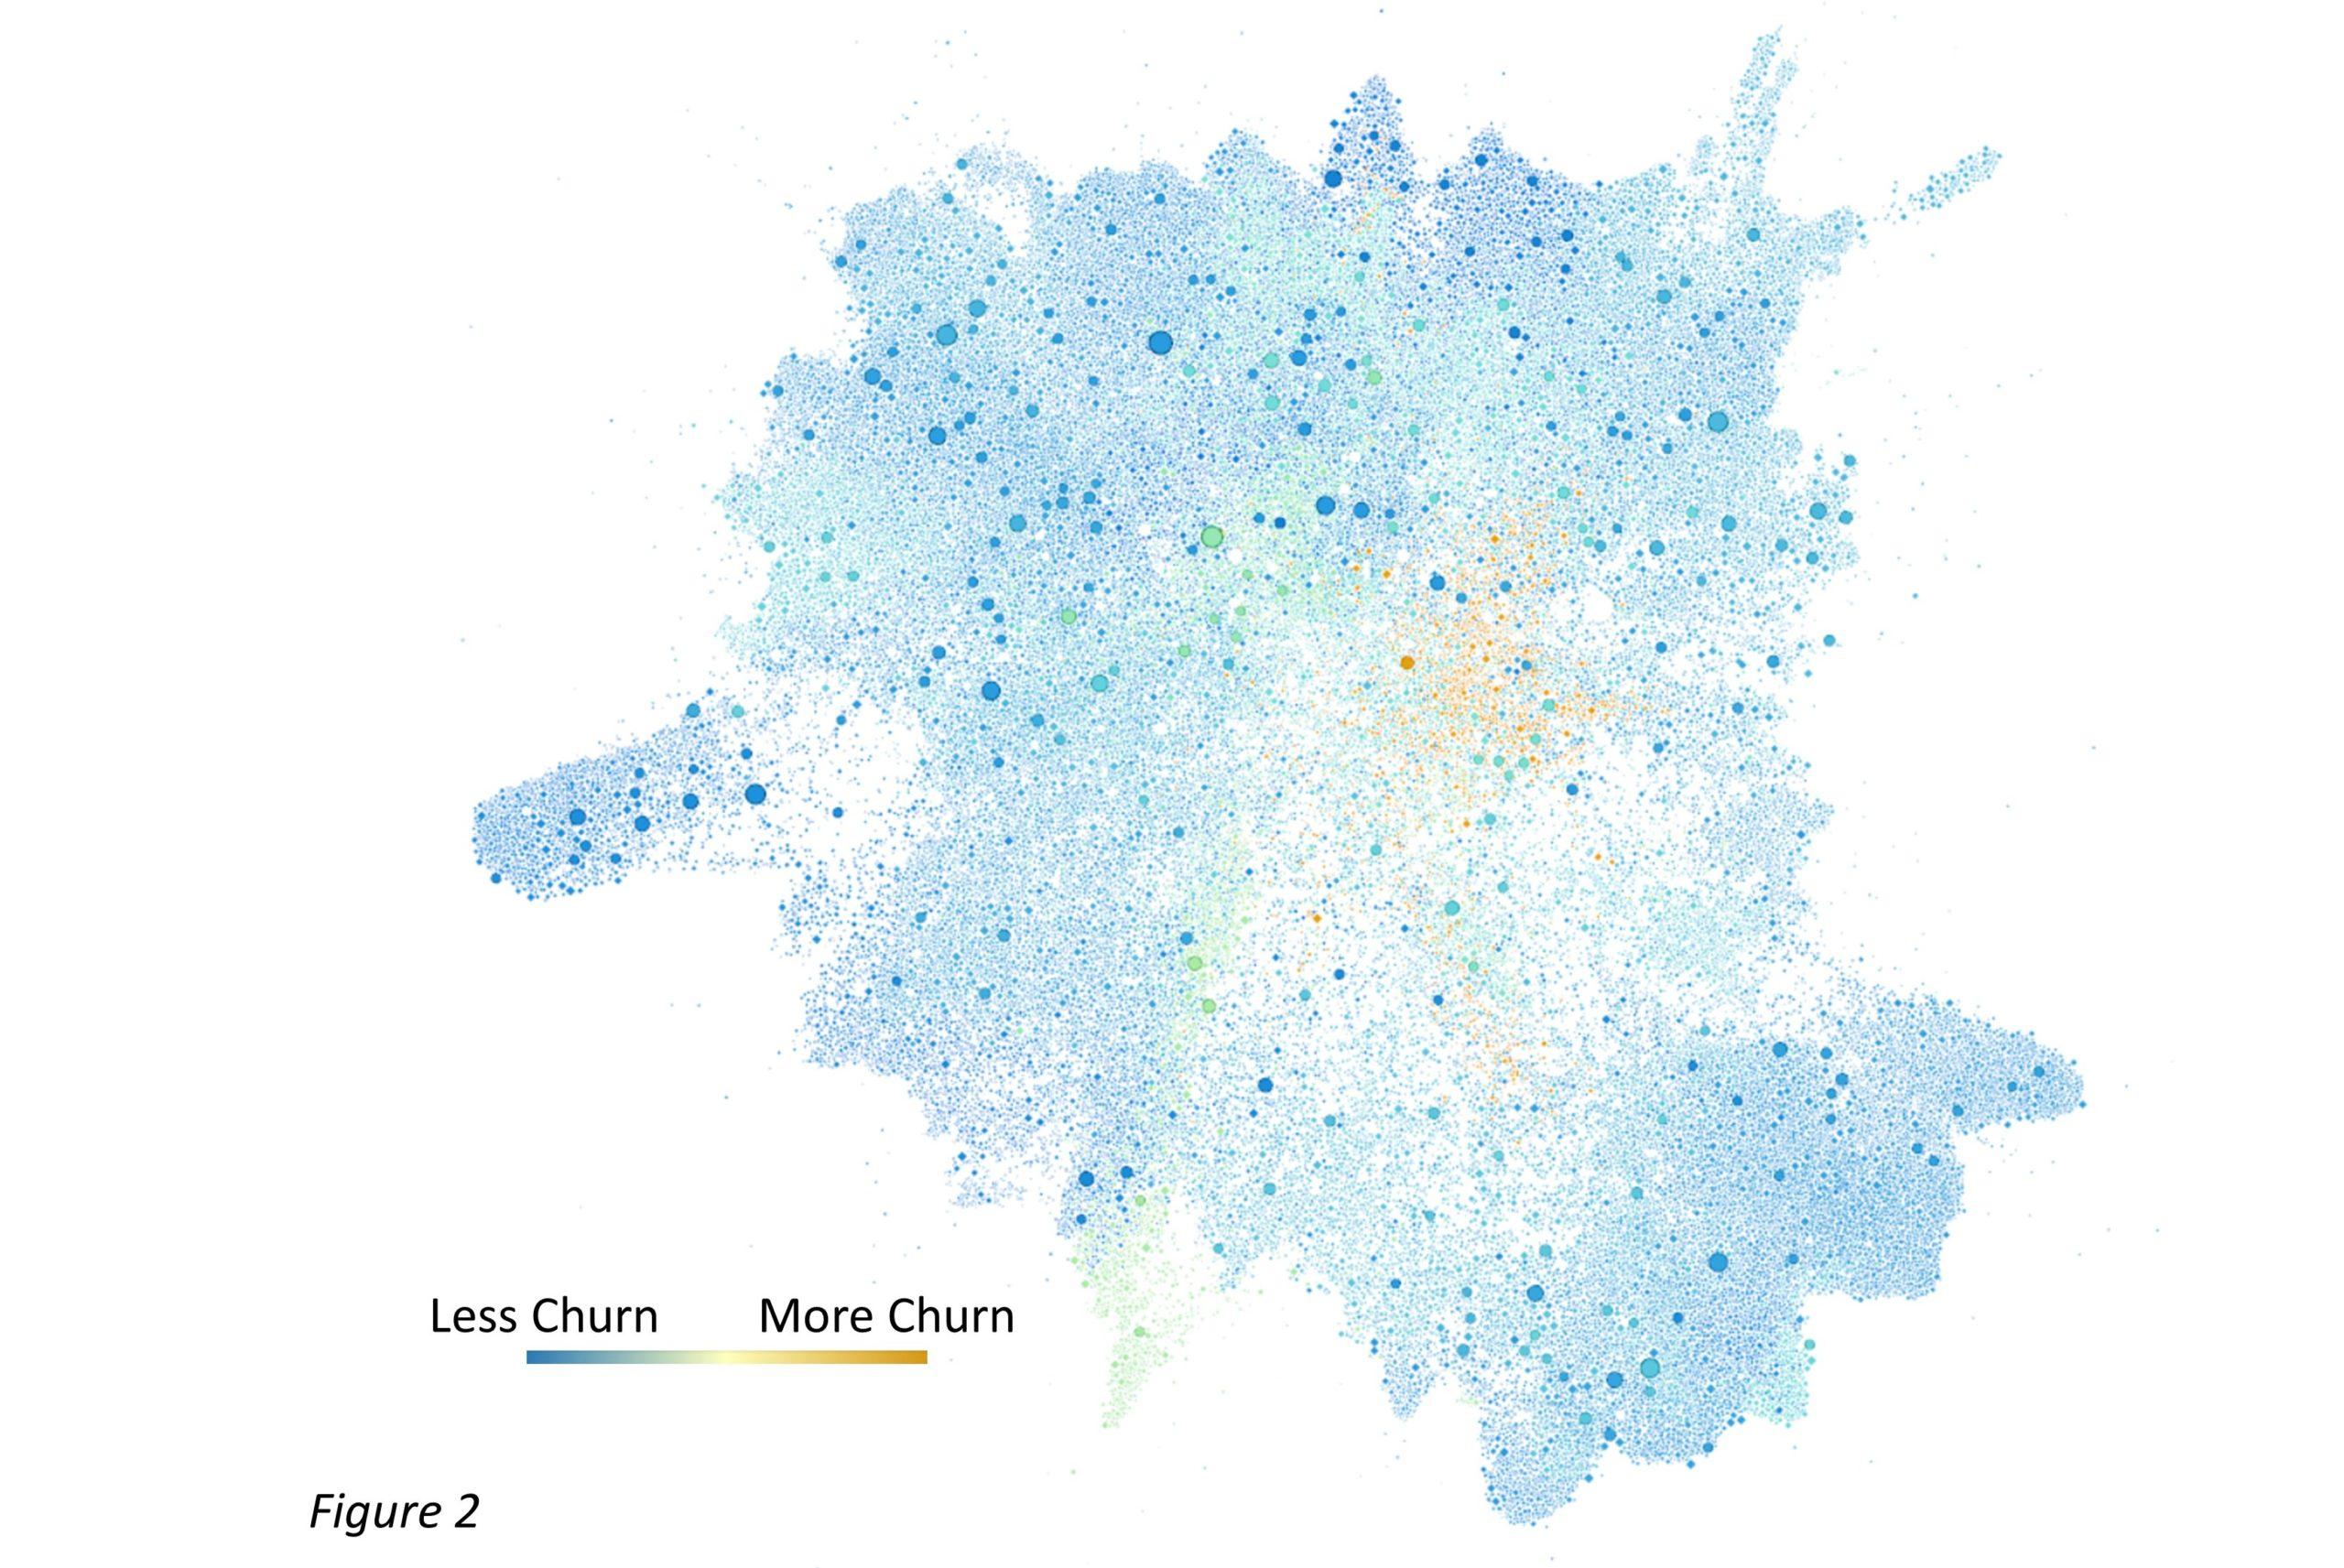 Organizational network analysis visualization